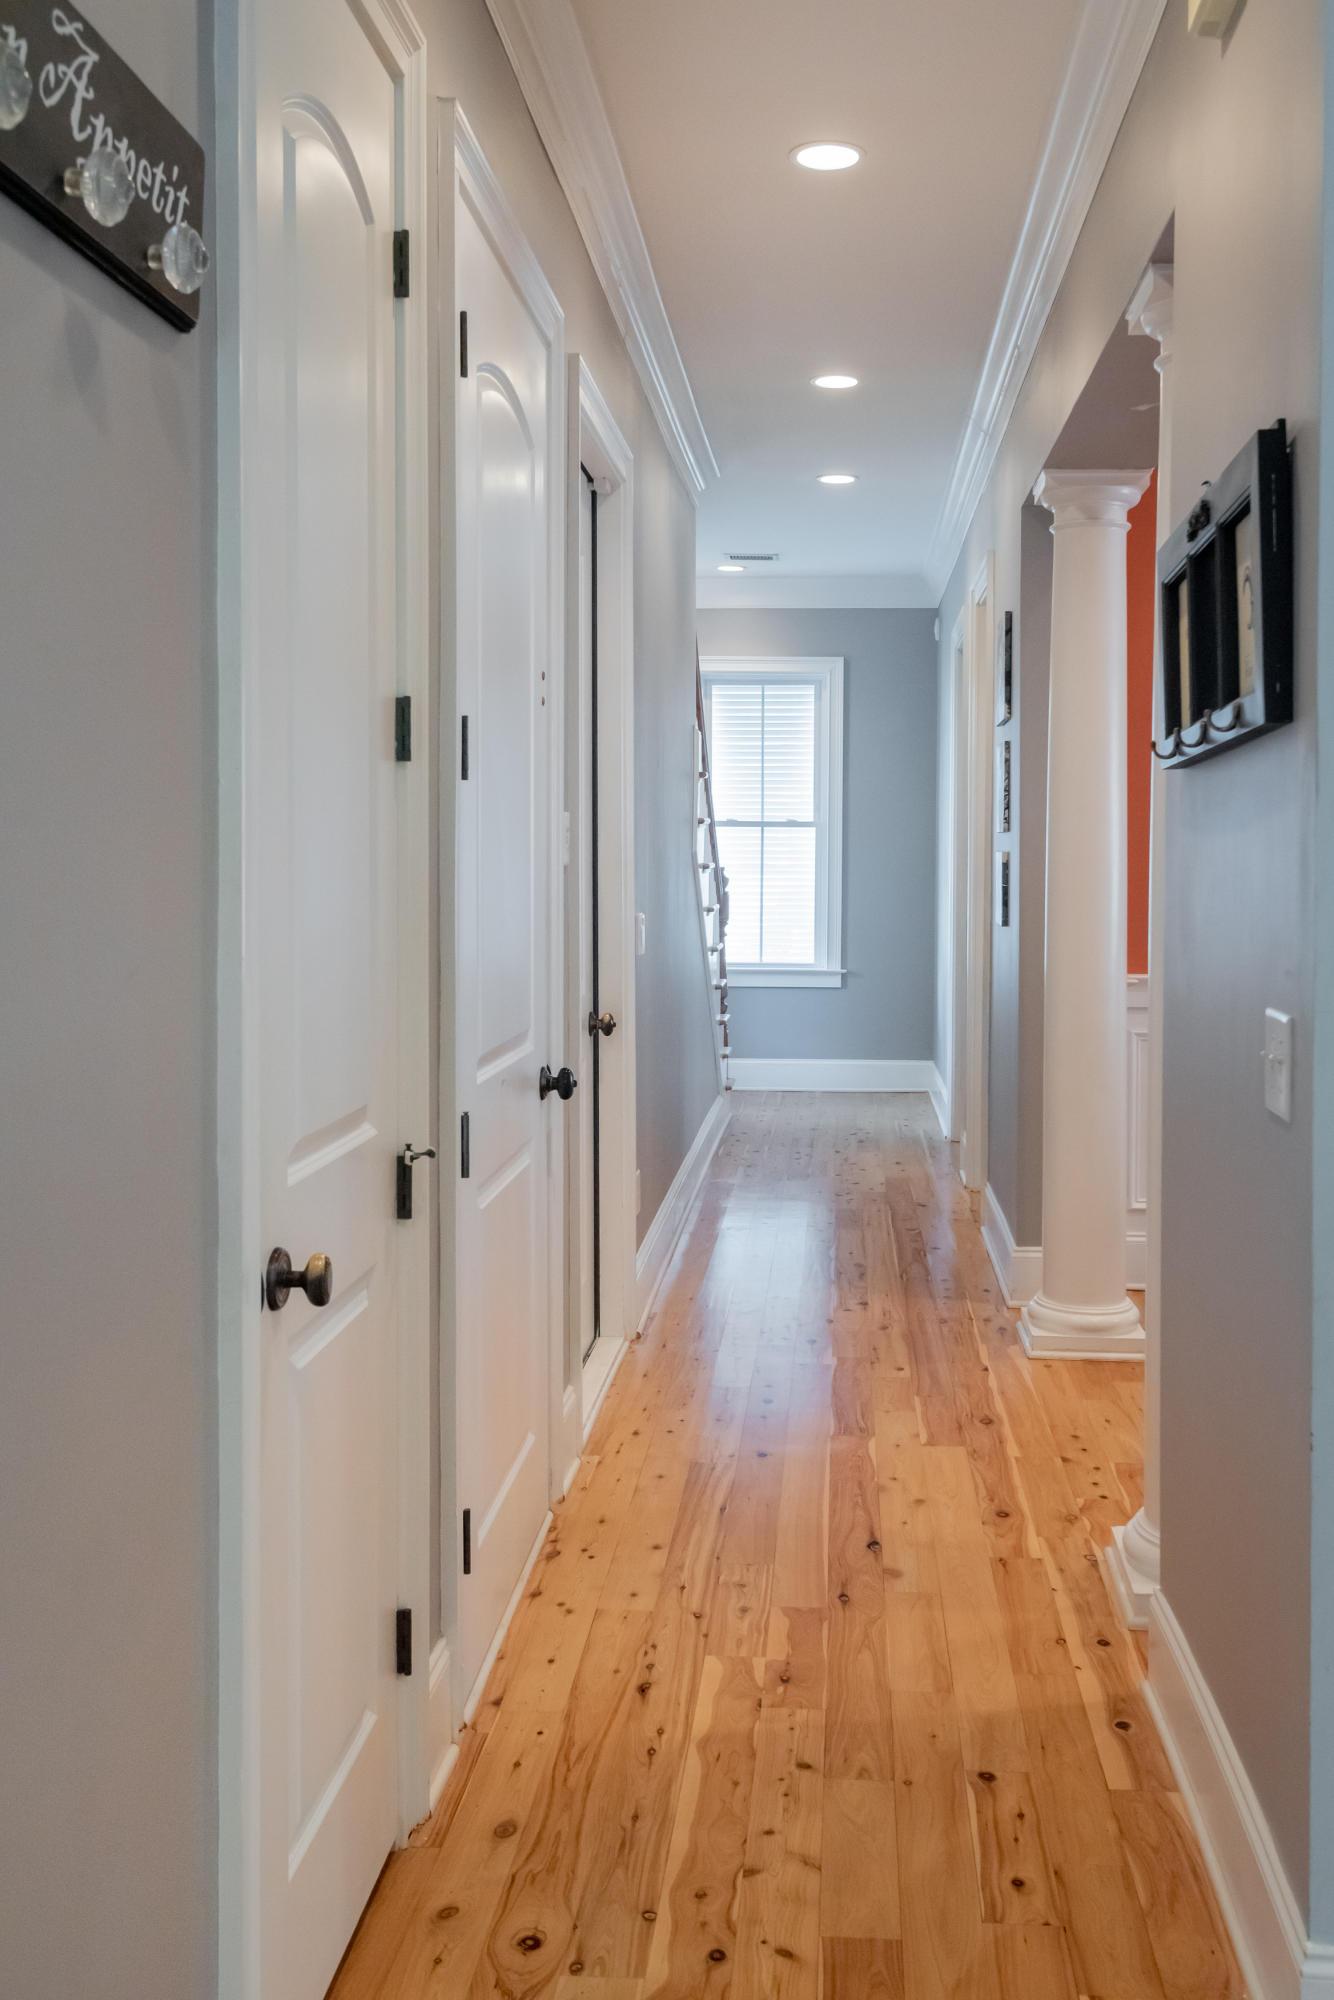 Ask Frank Real Estate Services - MLS Number: 19021139